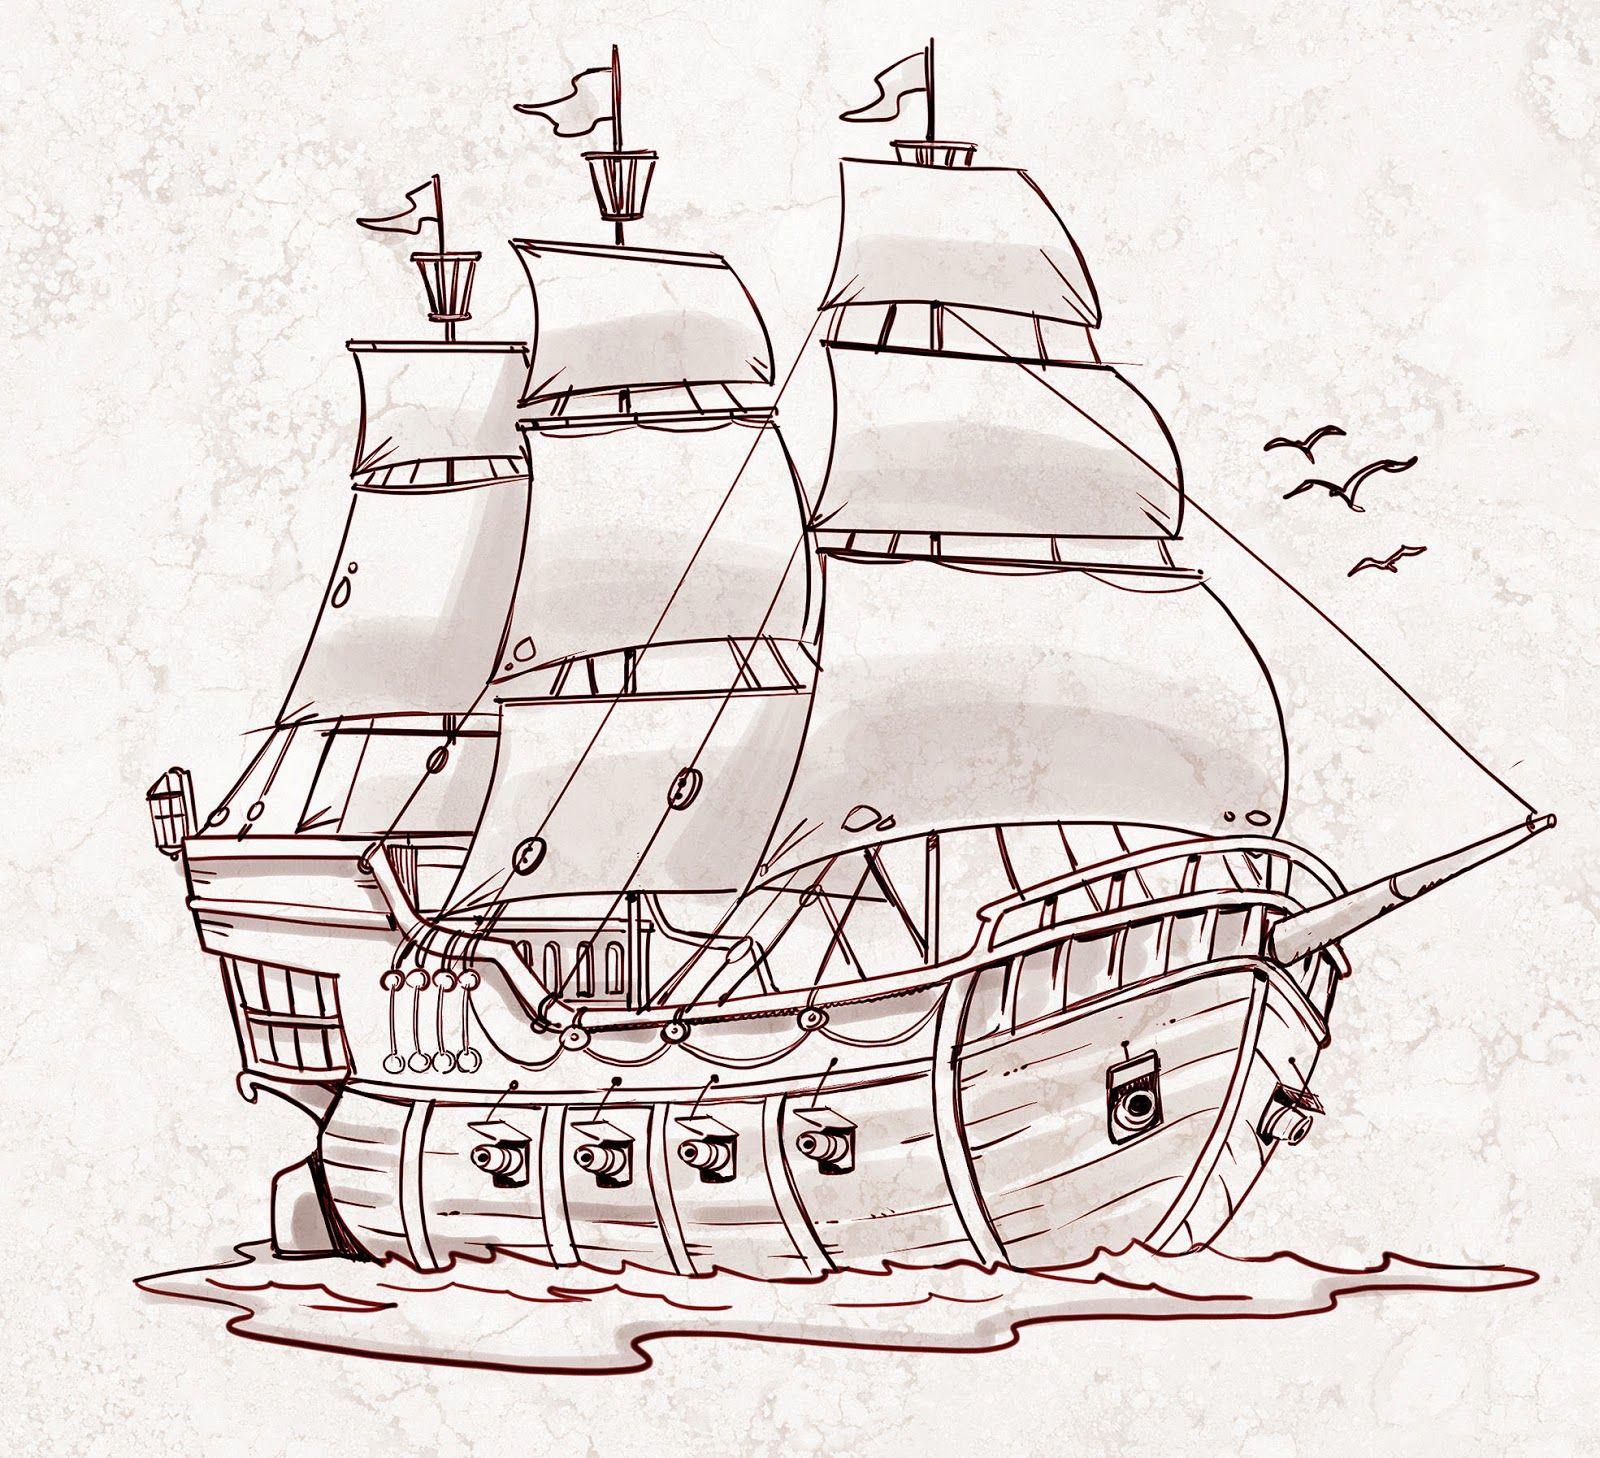 Jorge Santillan Dibujante Barco Pirata Pirate Ship Dibujo Barco Pirata Dibujo De Barco Barco Pirata